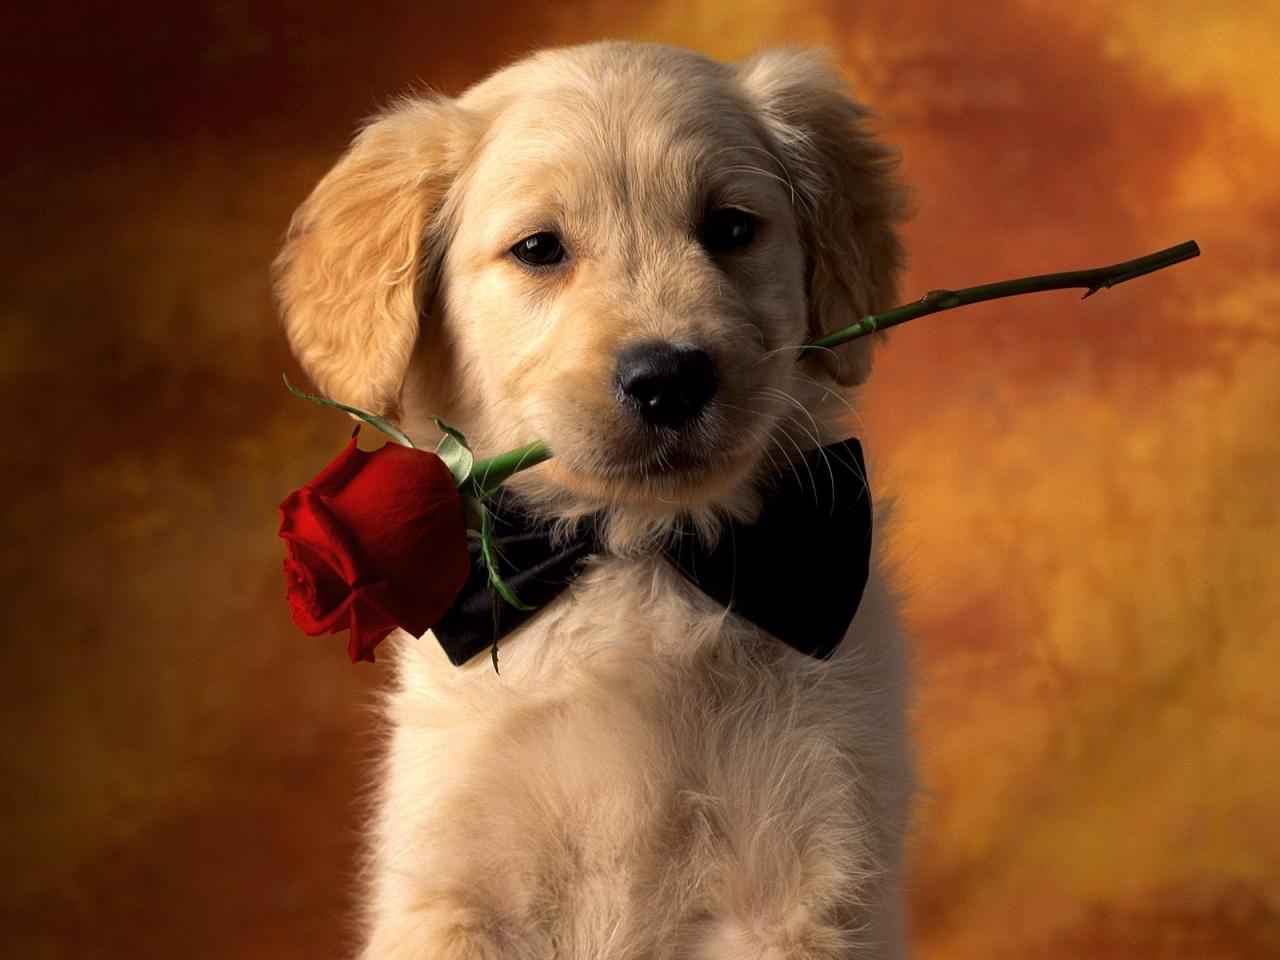 Algunas imagenes romanticas con mensajes visuales para enviar por mail